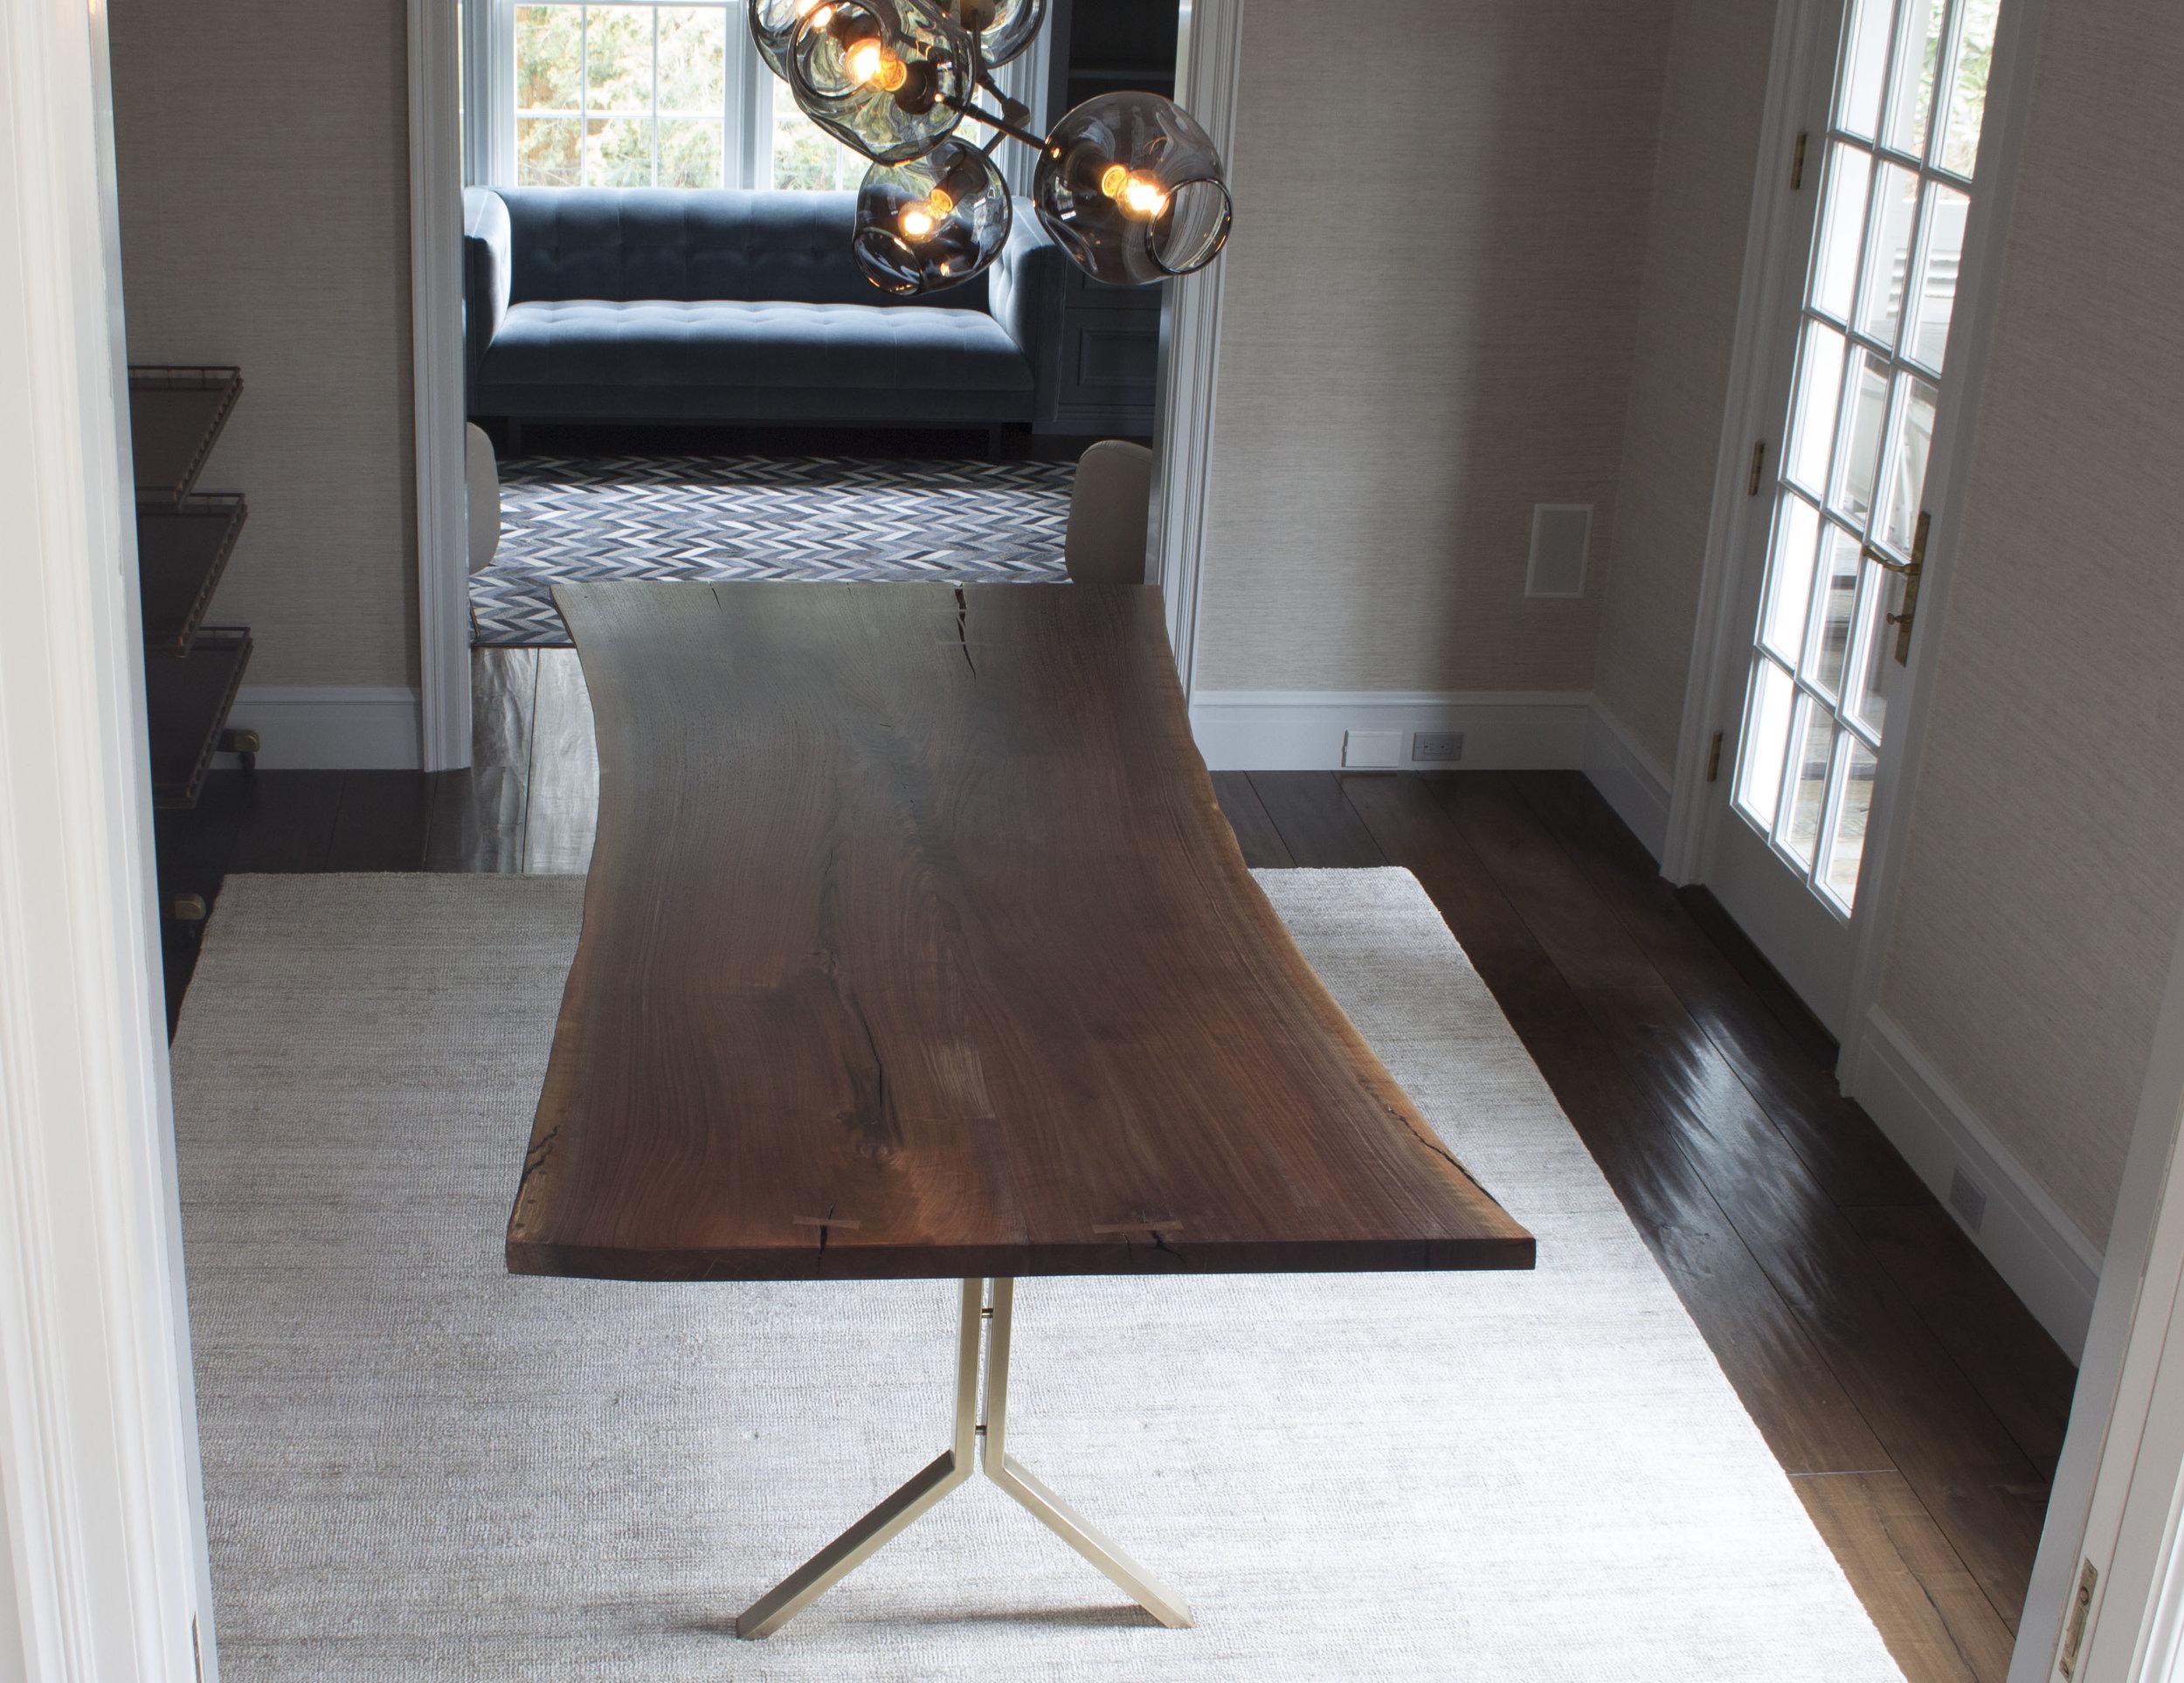 Kingston-live-edge-dining-table-hamptons1.jpg